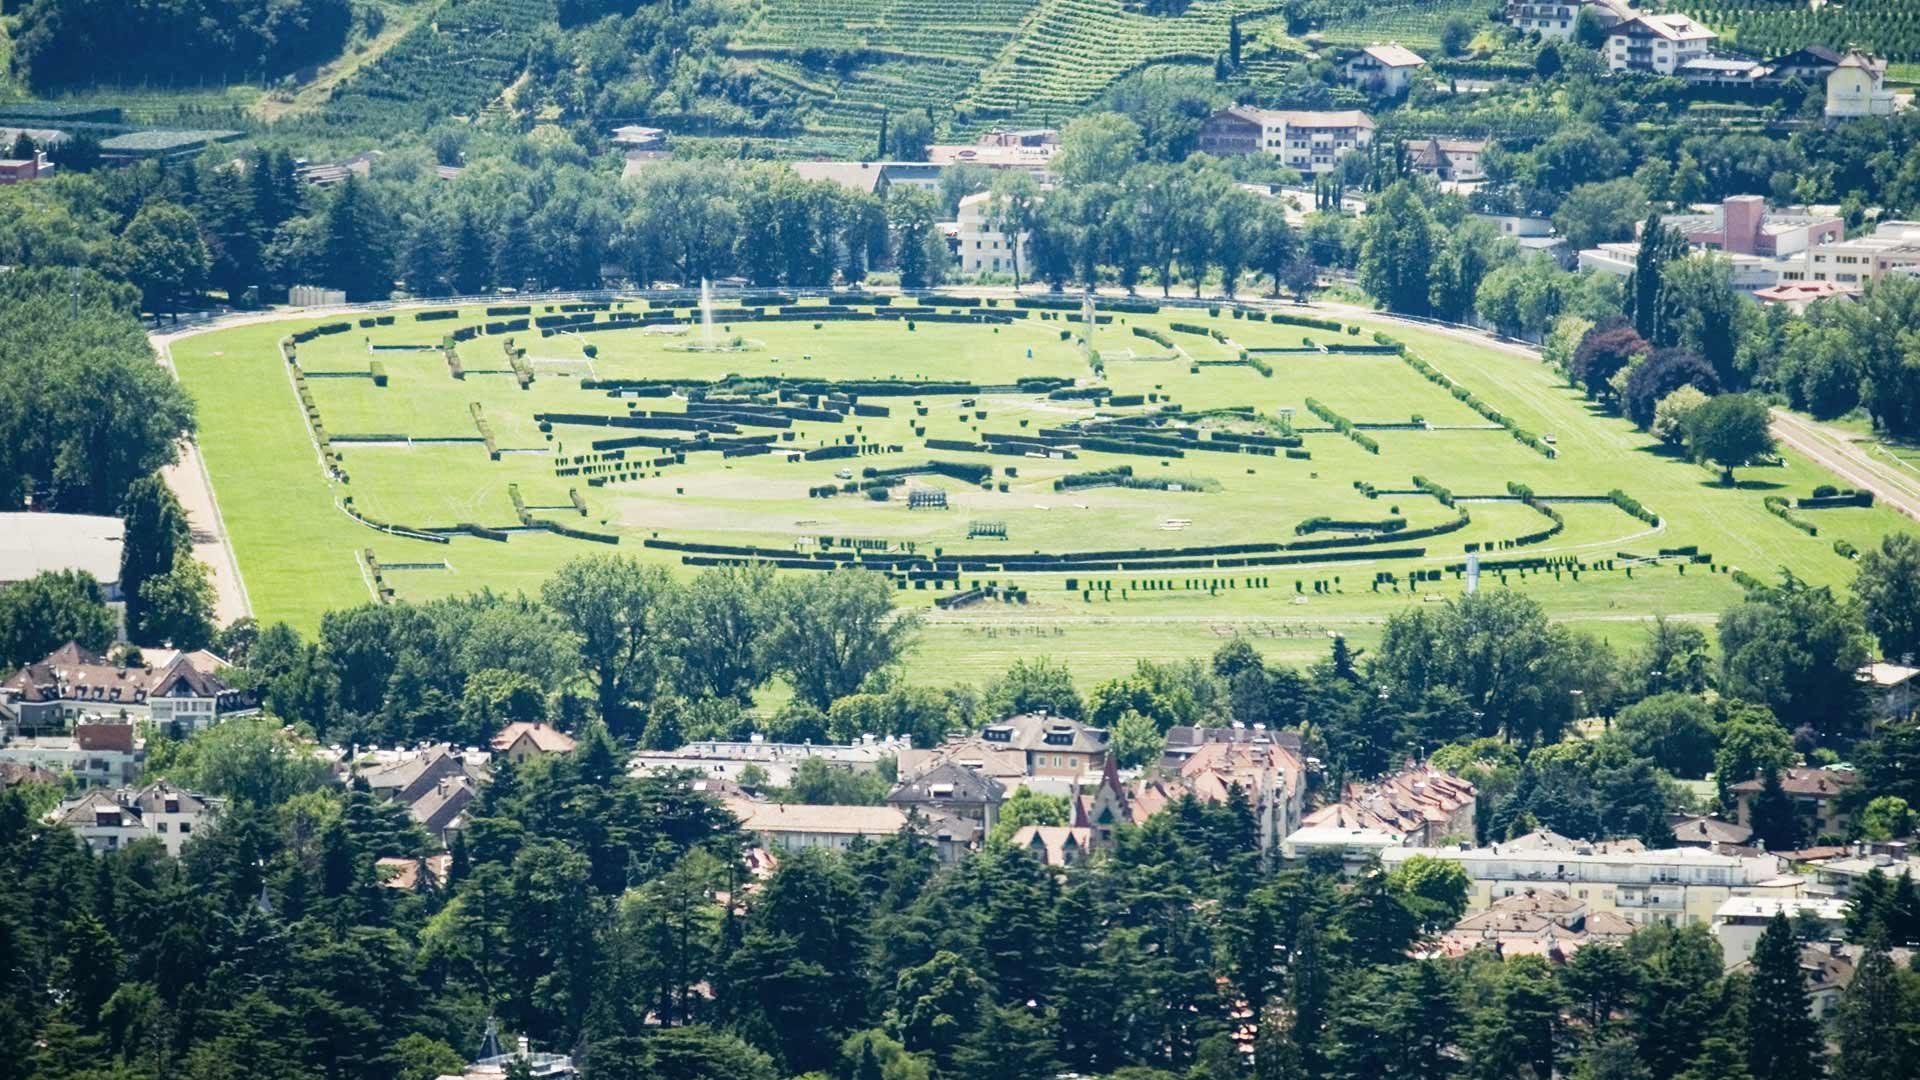 Pferderennplatz - Großer Preis von Meran Südtirol